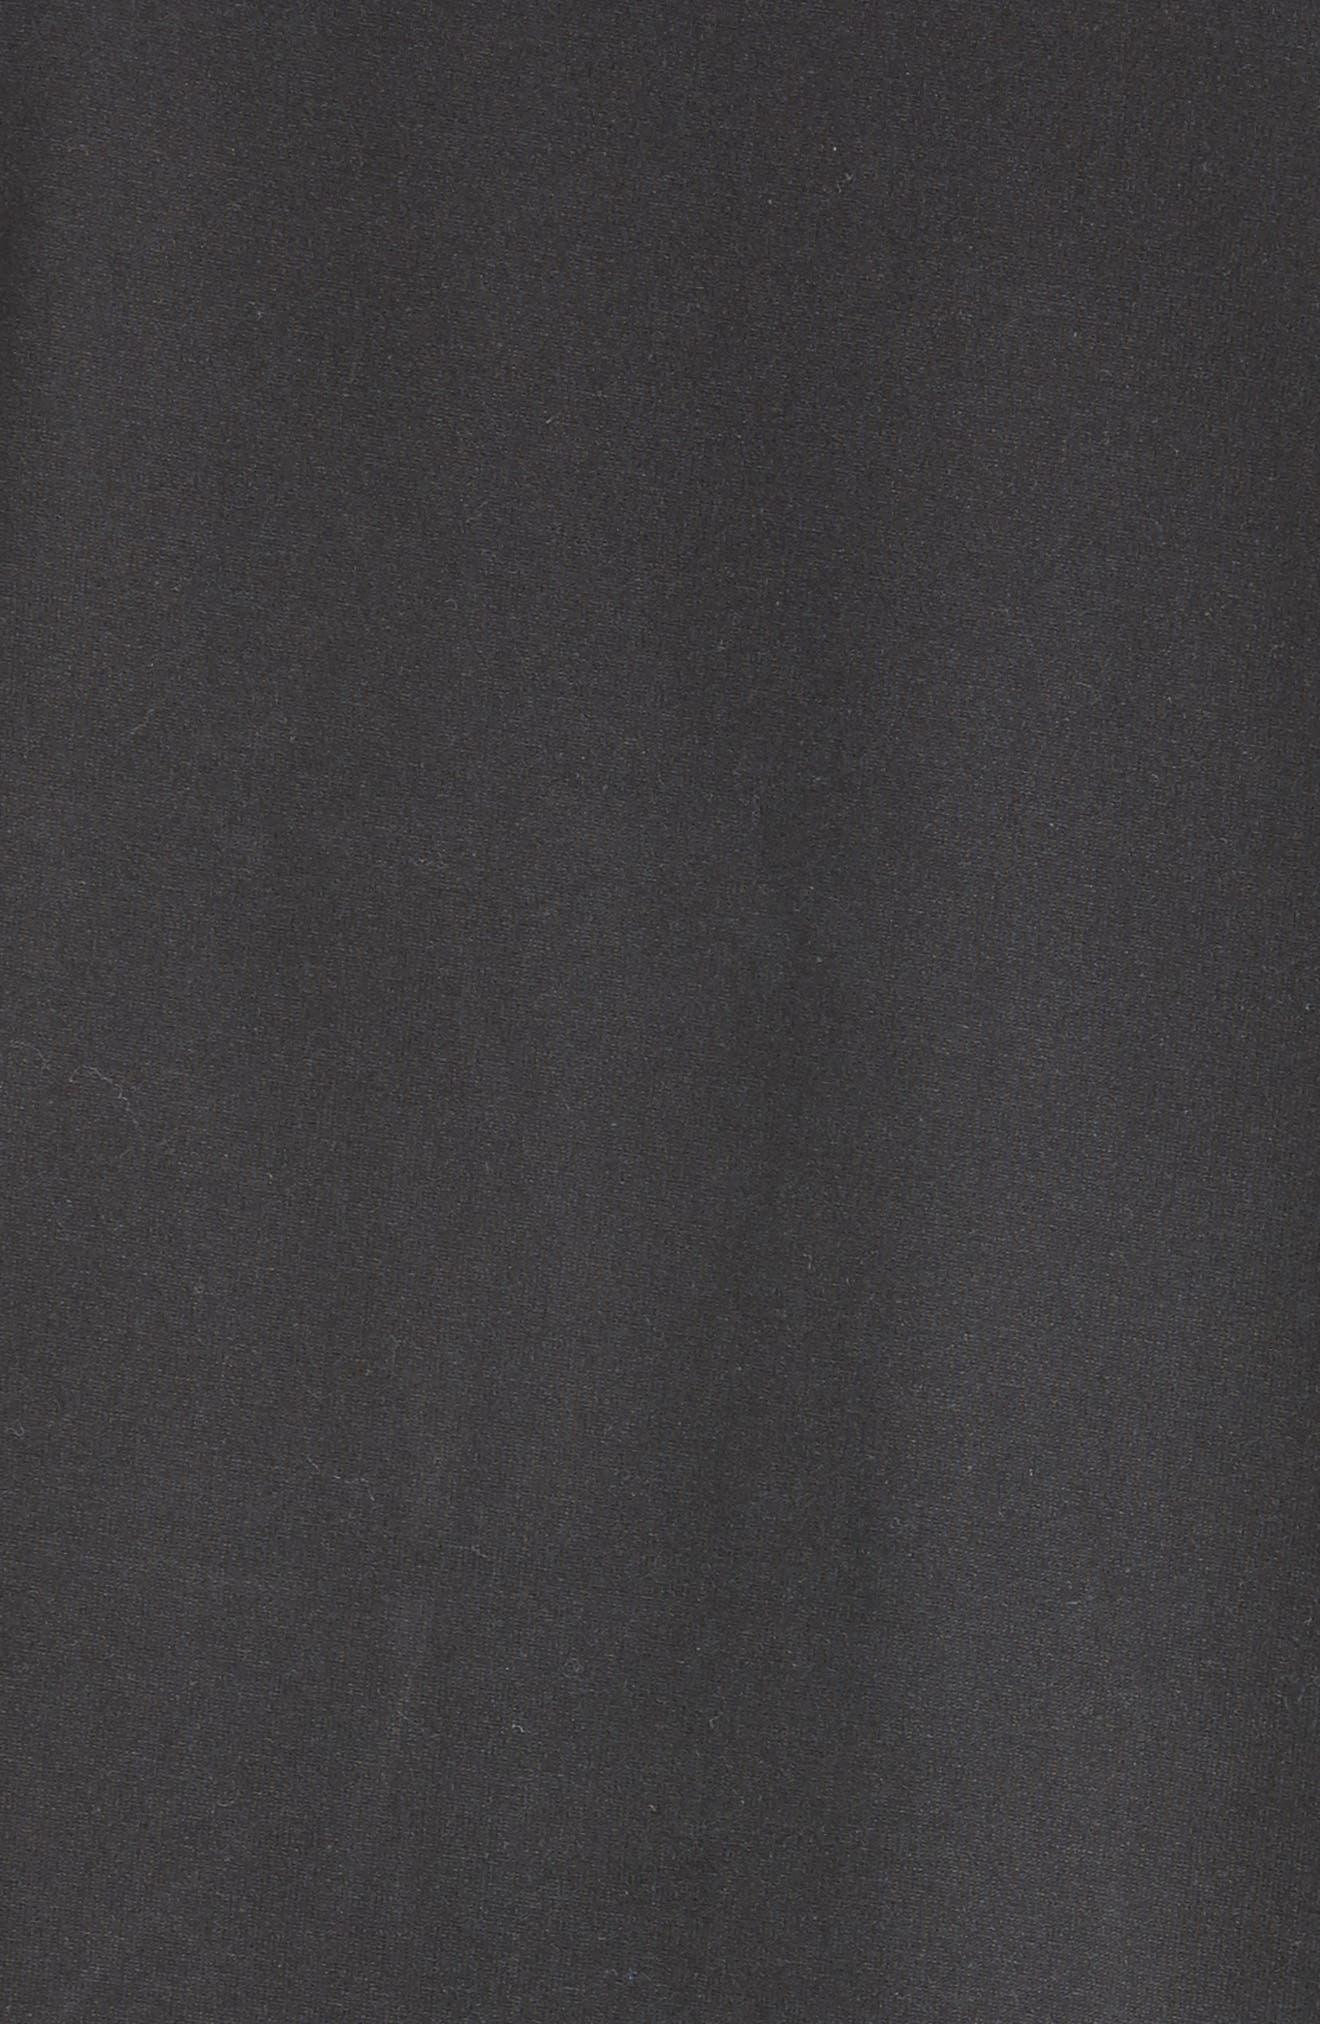 Brandon Pima Cotton T-Shirt,                             Alternate thumbnail 5, color,                             001